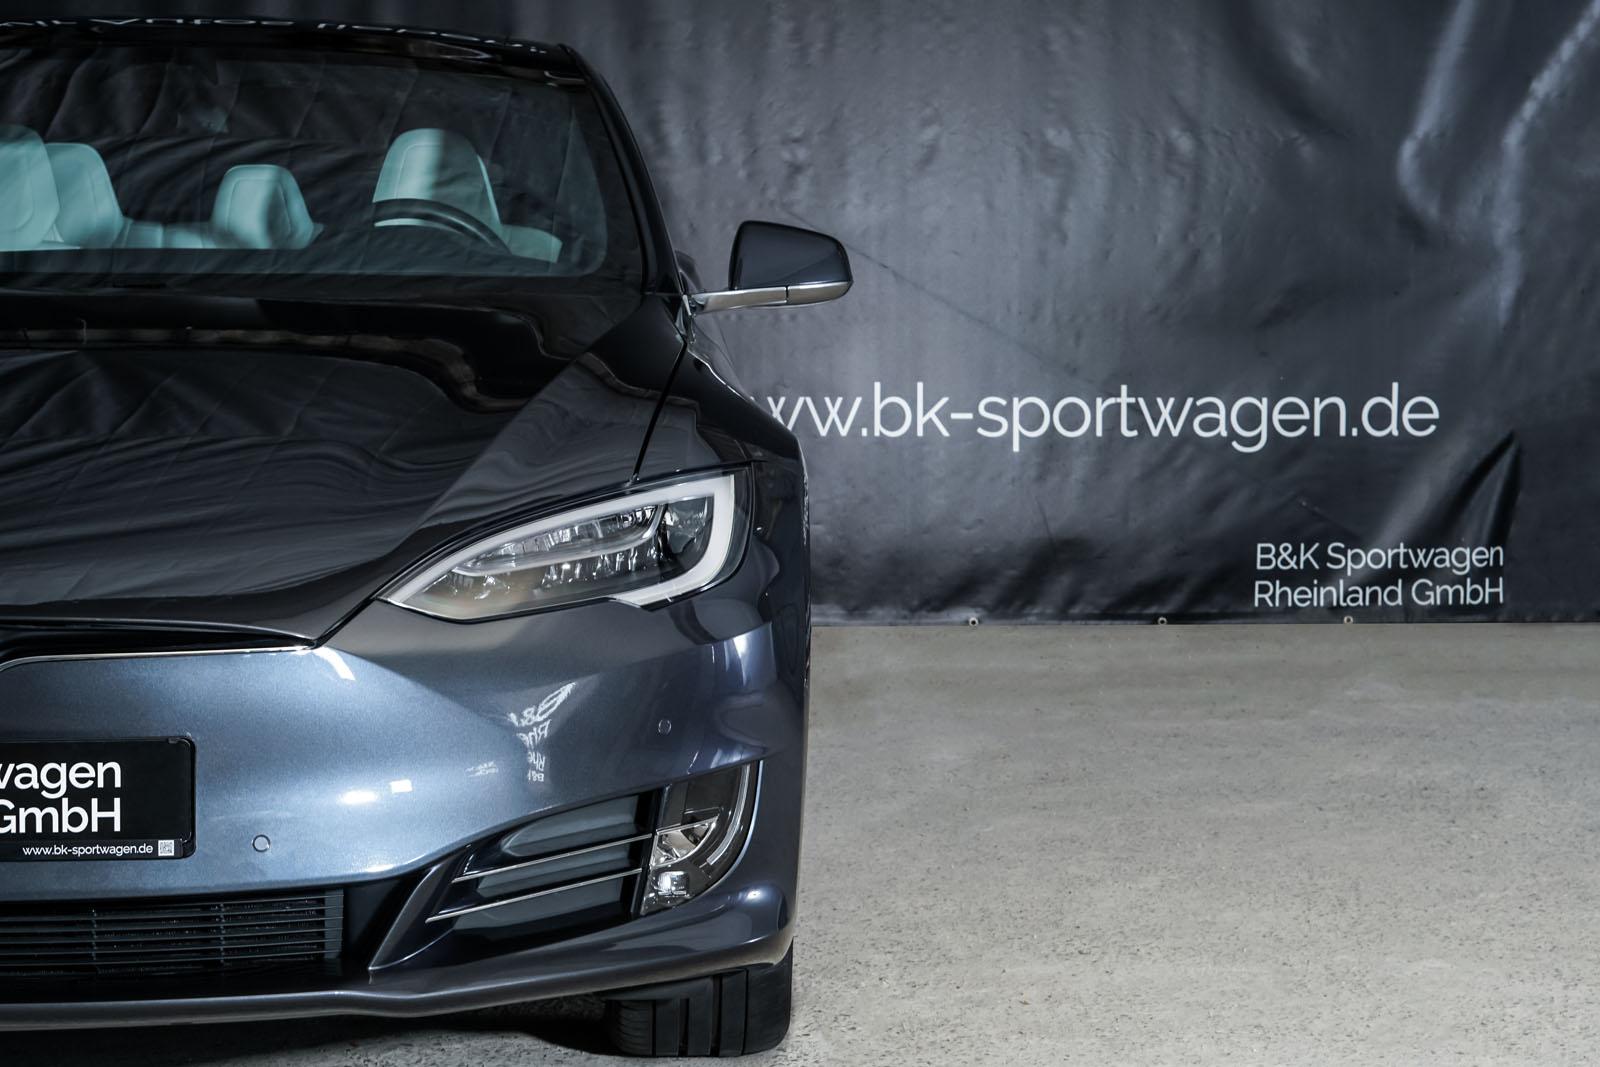 Tesla_Model_S_SilverShadow_Weiss_TES-2943_13_w